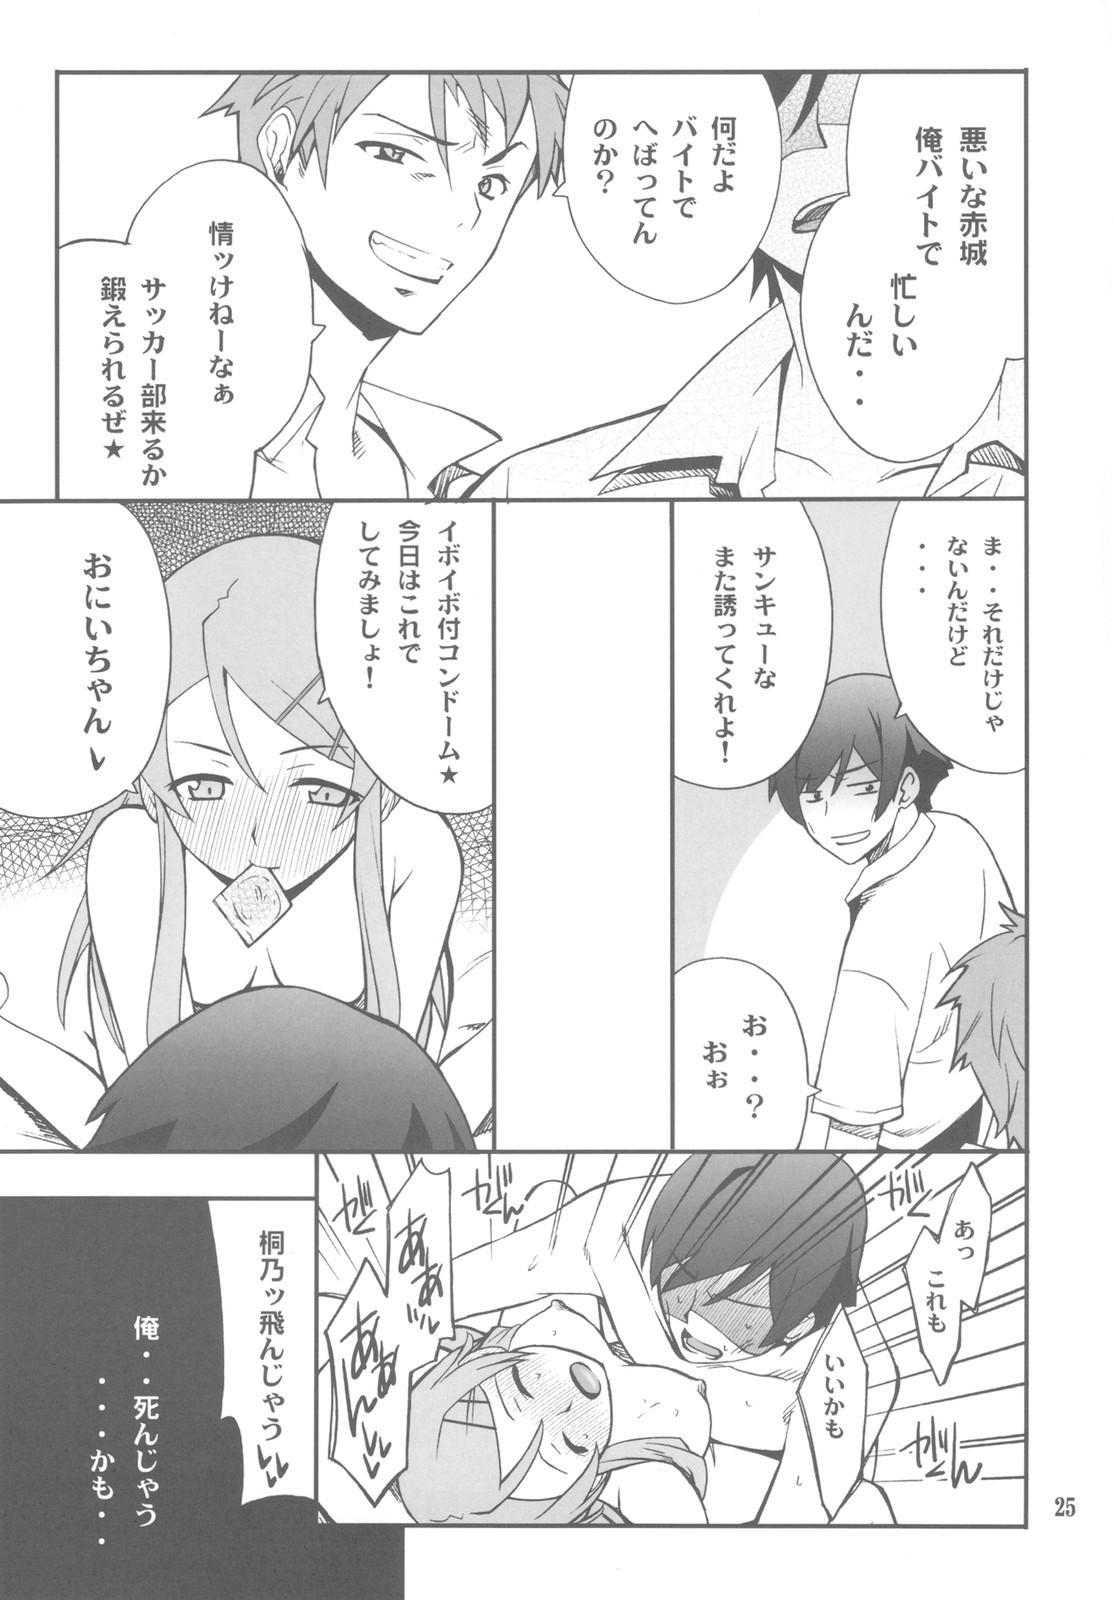 Ore x Imouto Kouryaku Daisakusen!! 02 + Omake Hon 24